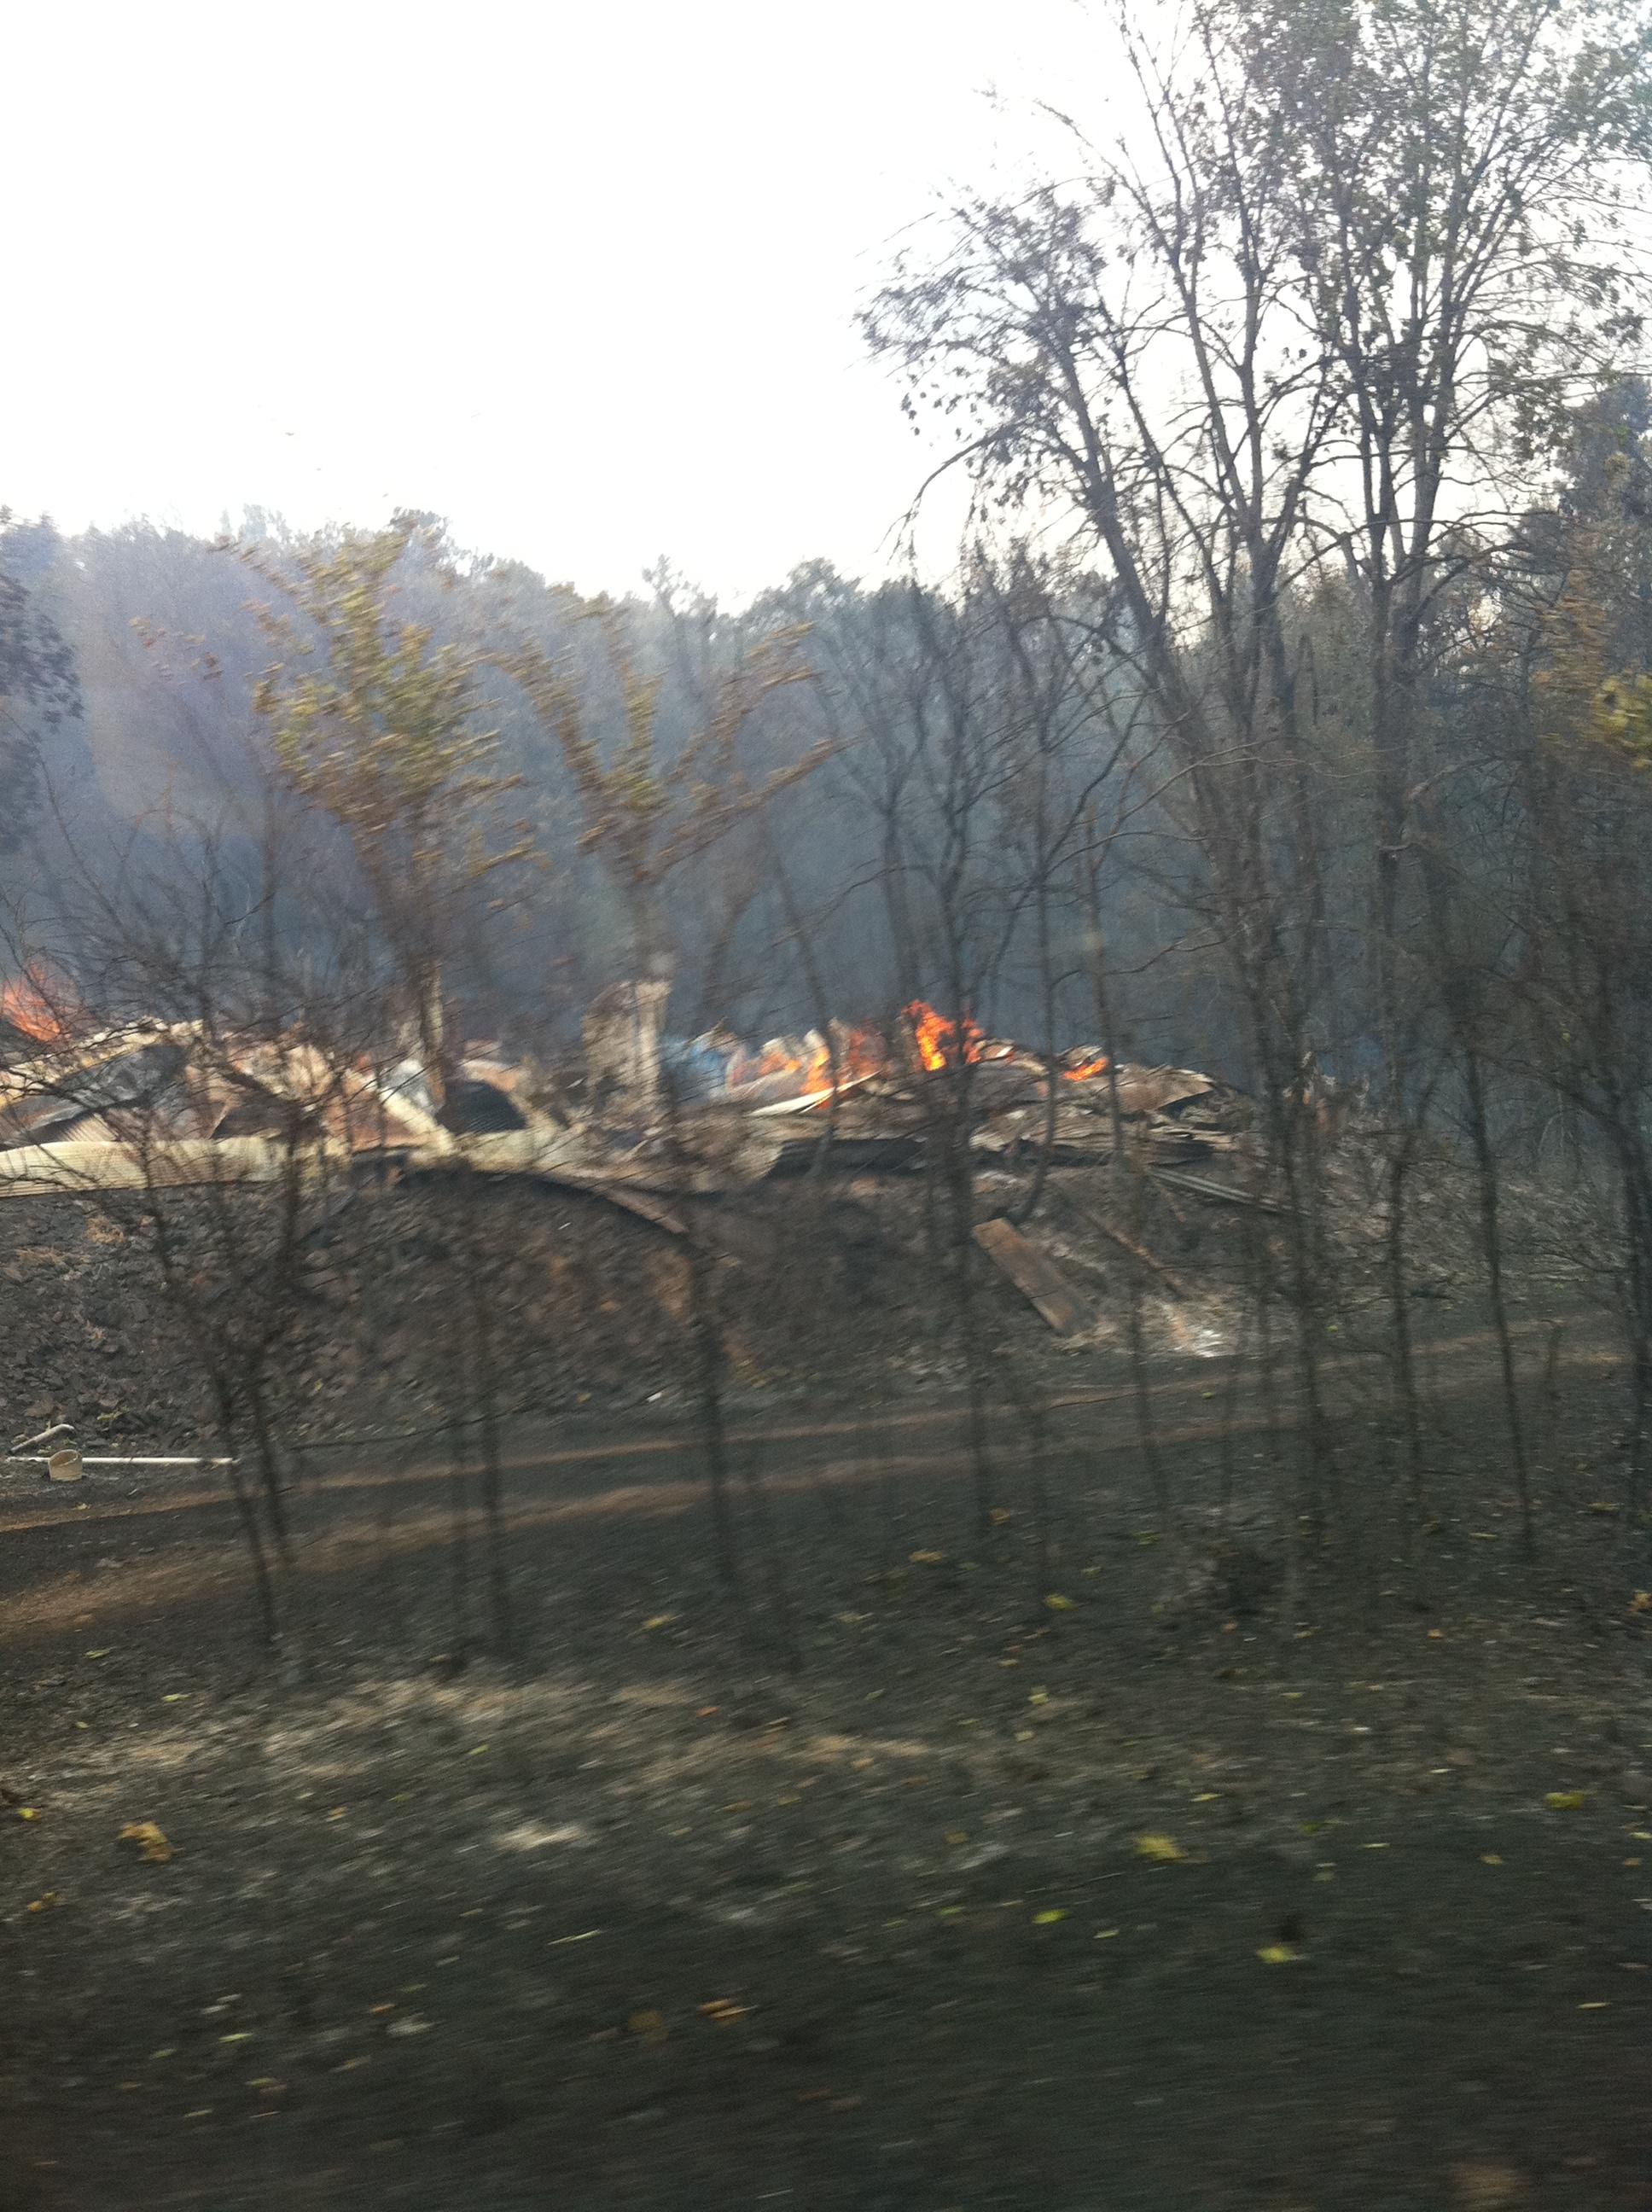 Clarksville fire, July 7 courtesy Rae Lyn